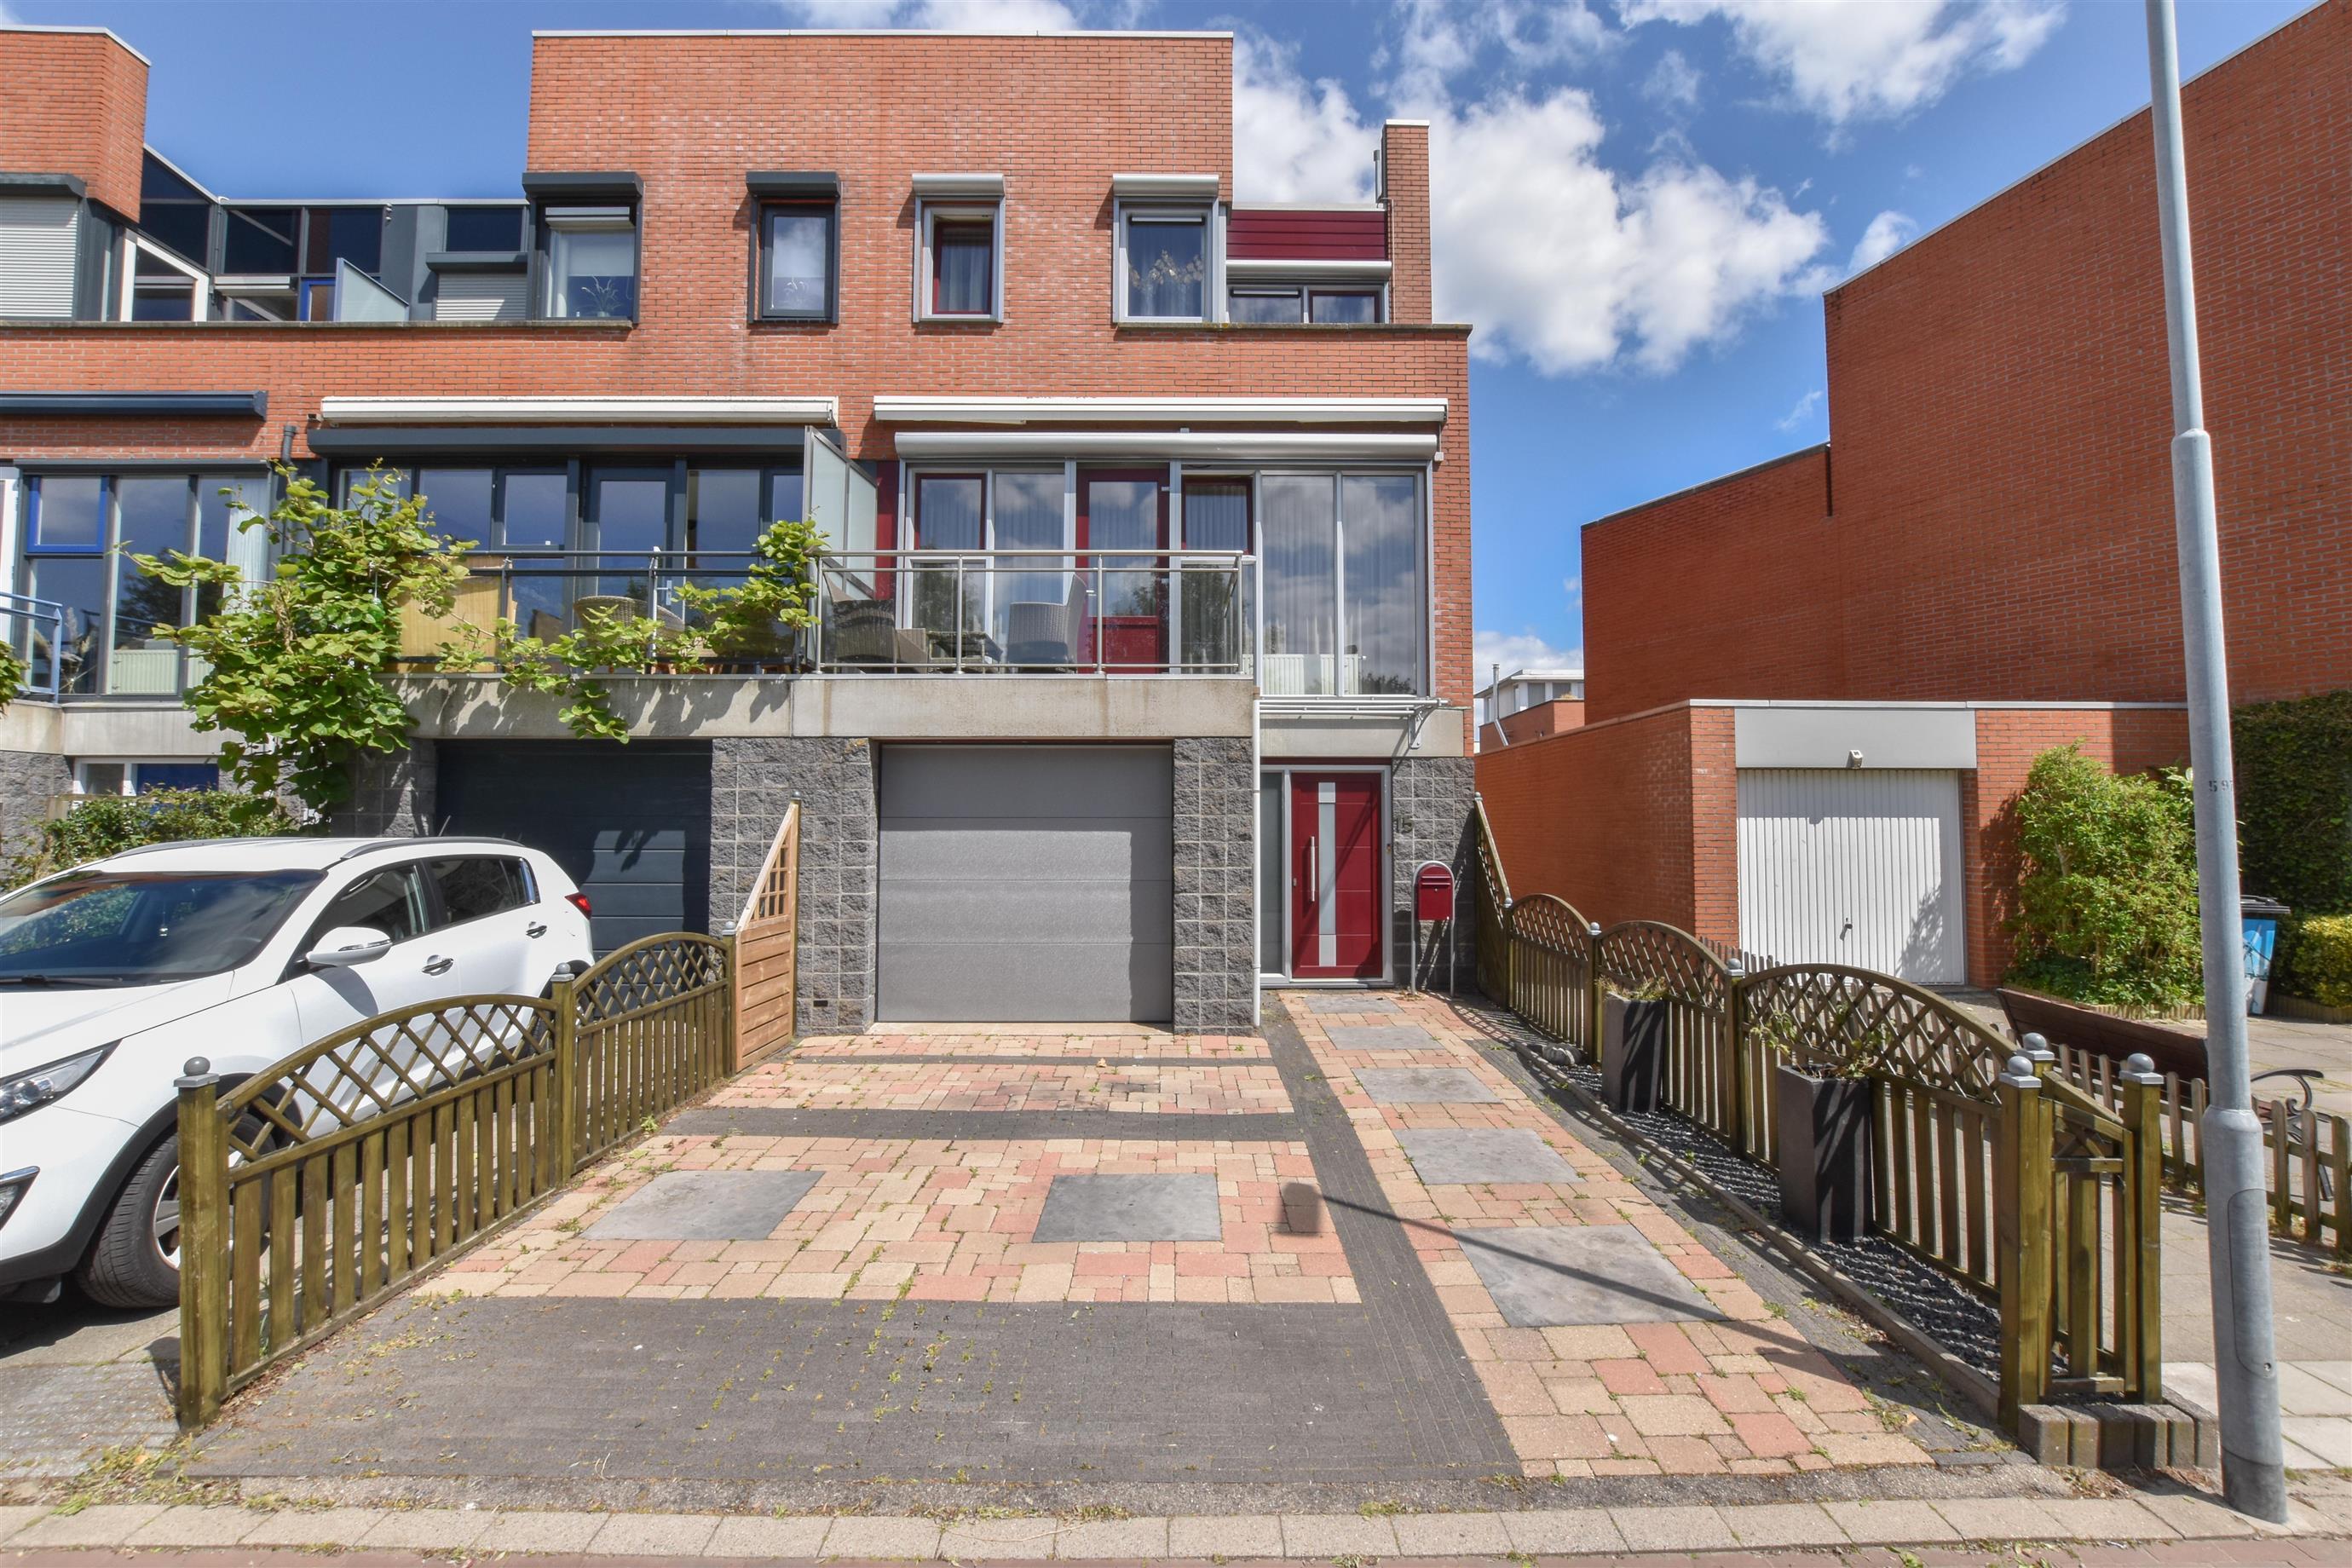 Duizendbladstraat 15